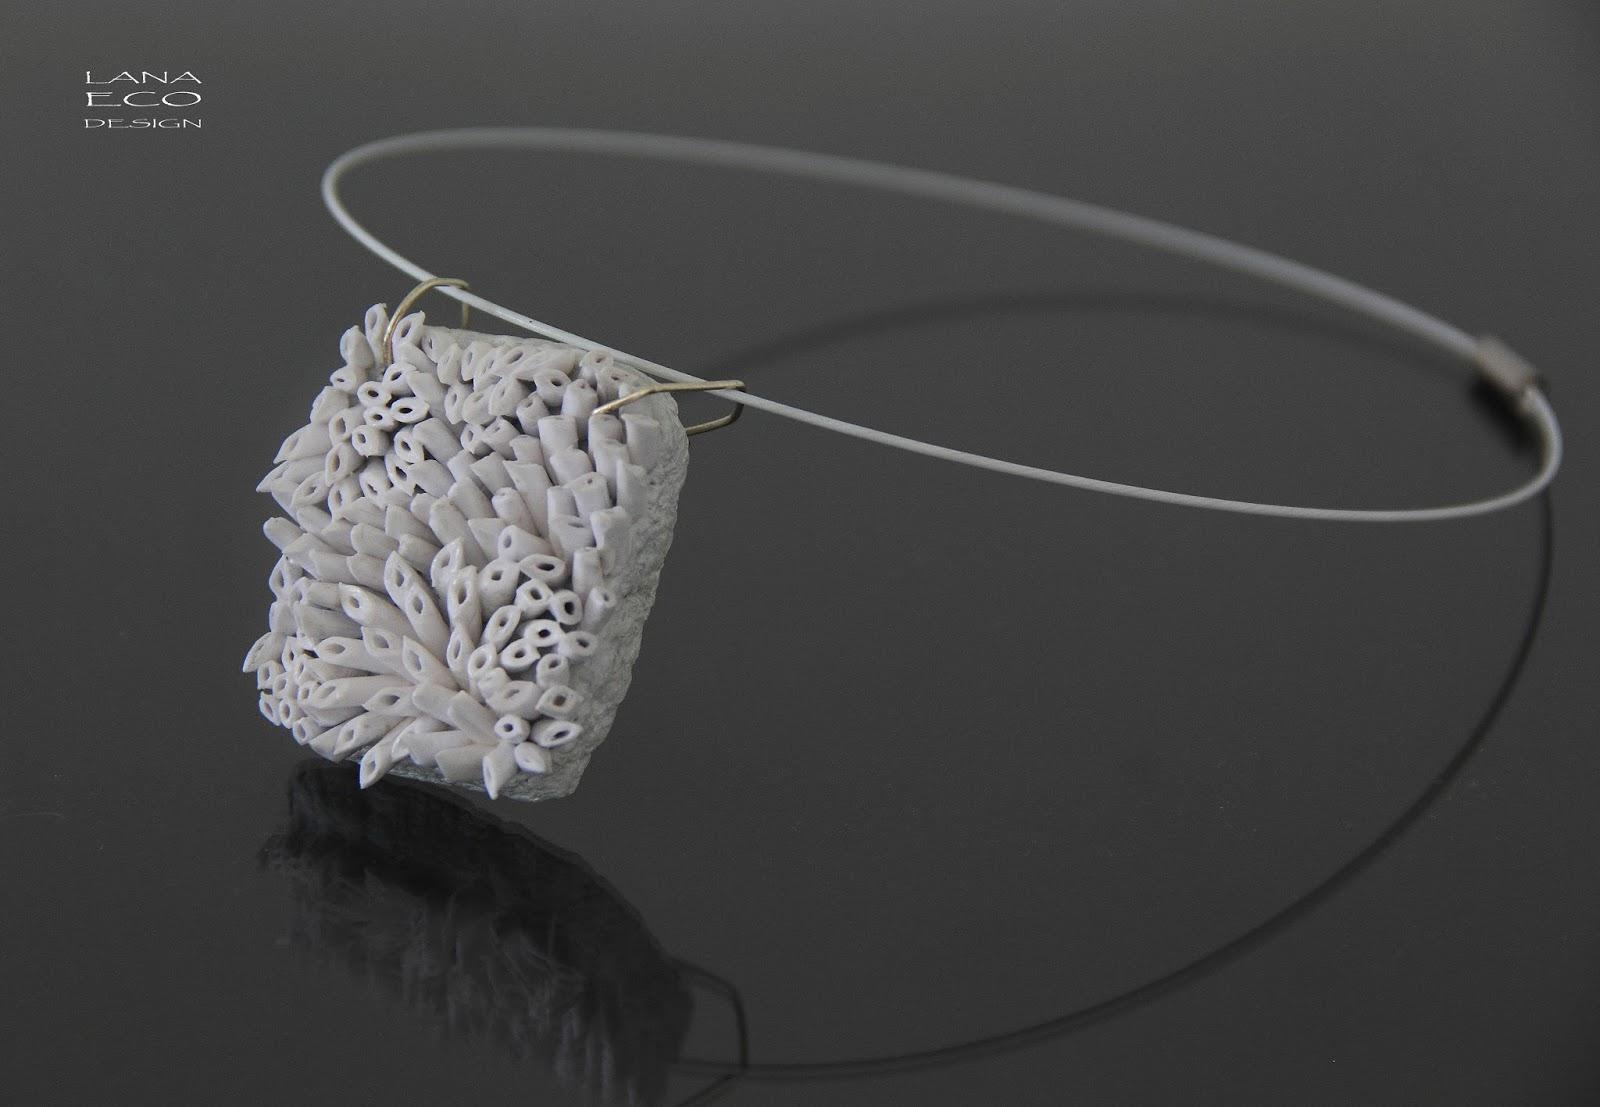 texture-contemporary-jewellery-jewellry-gioiello-contemporaneo